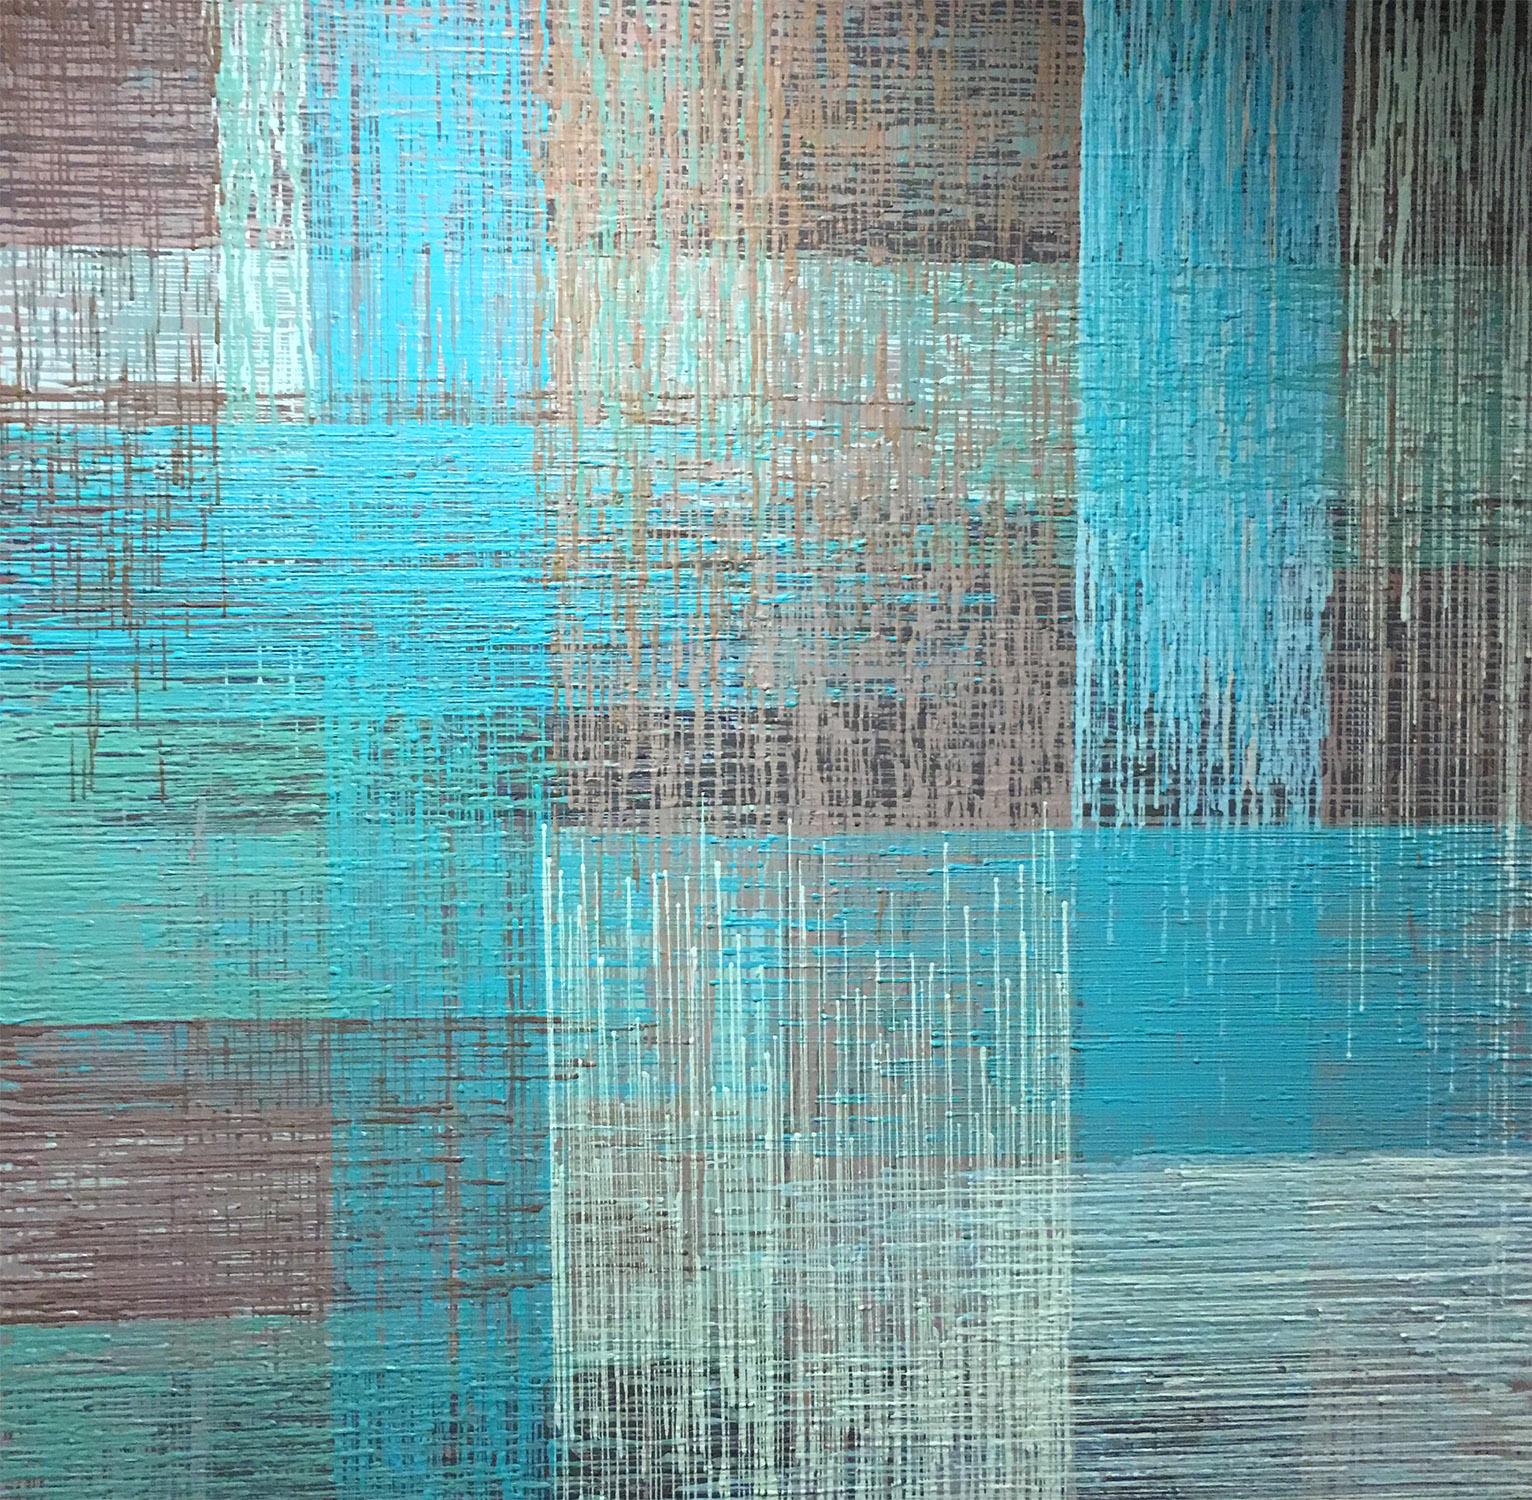 """DRIP 12 - acrylic on canvas - 48"""" x 48"""""""